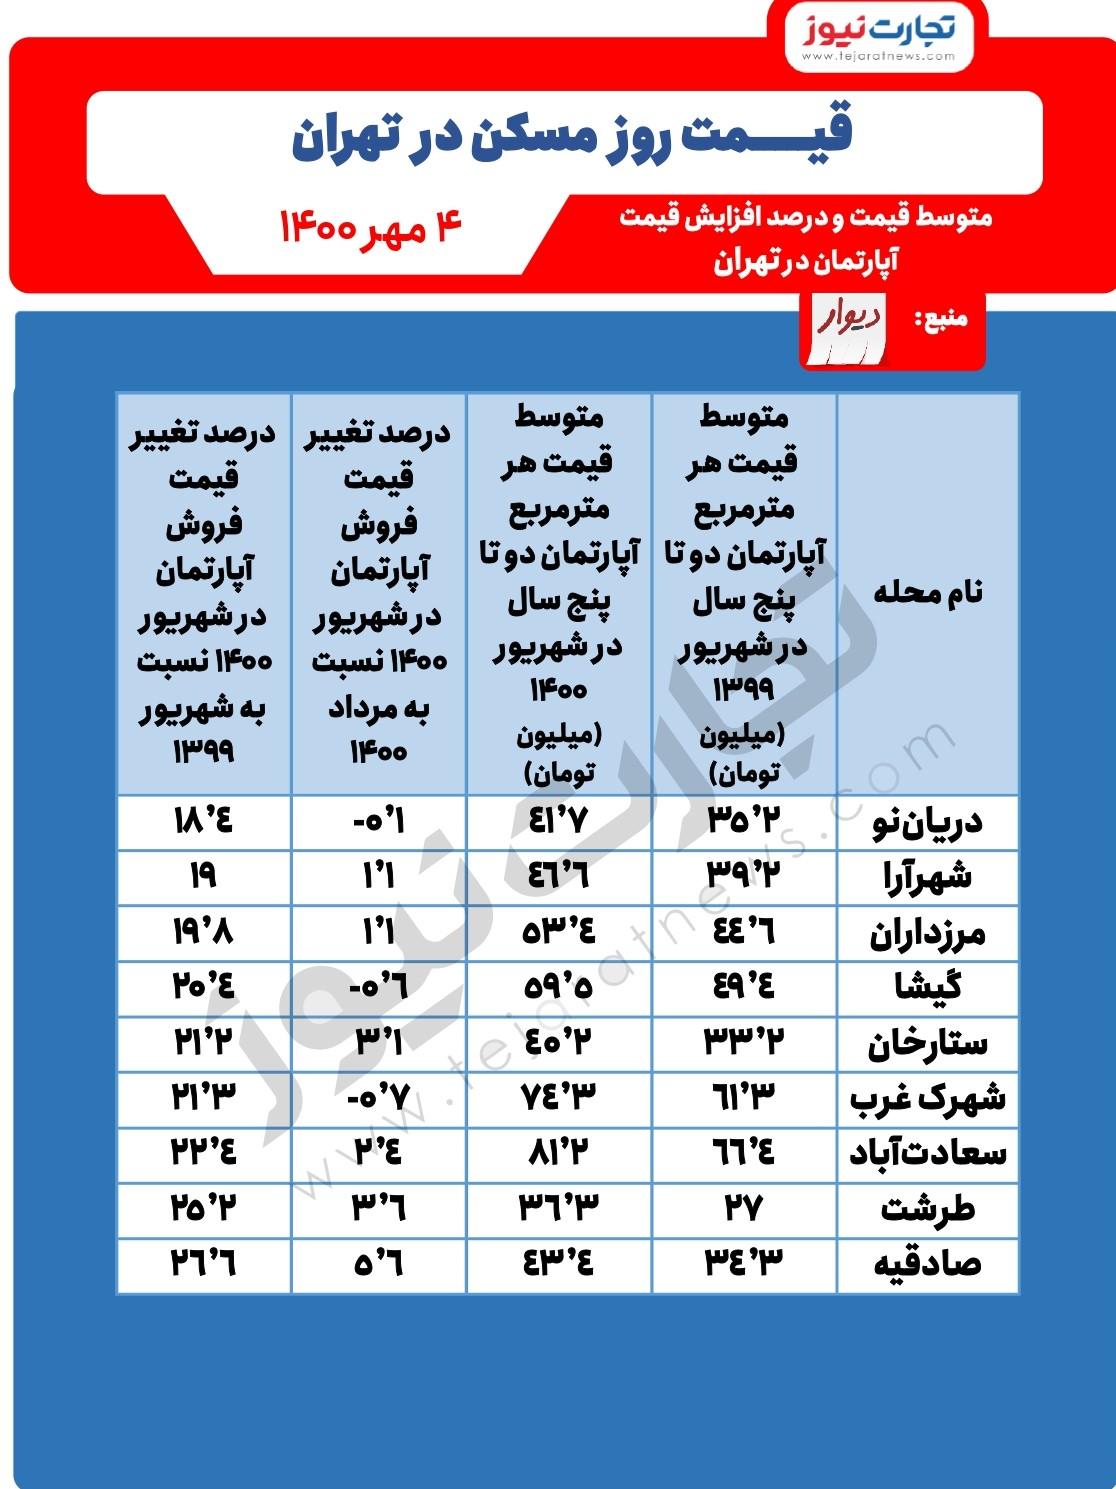 محلات گران قیمت تهران